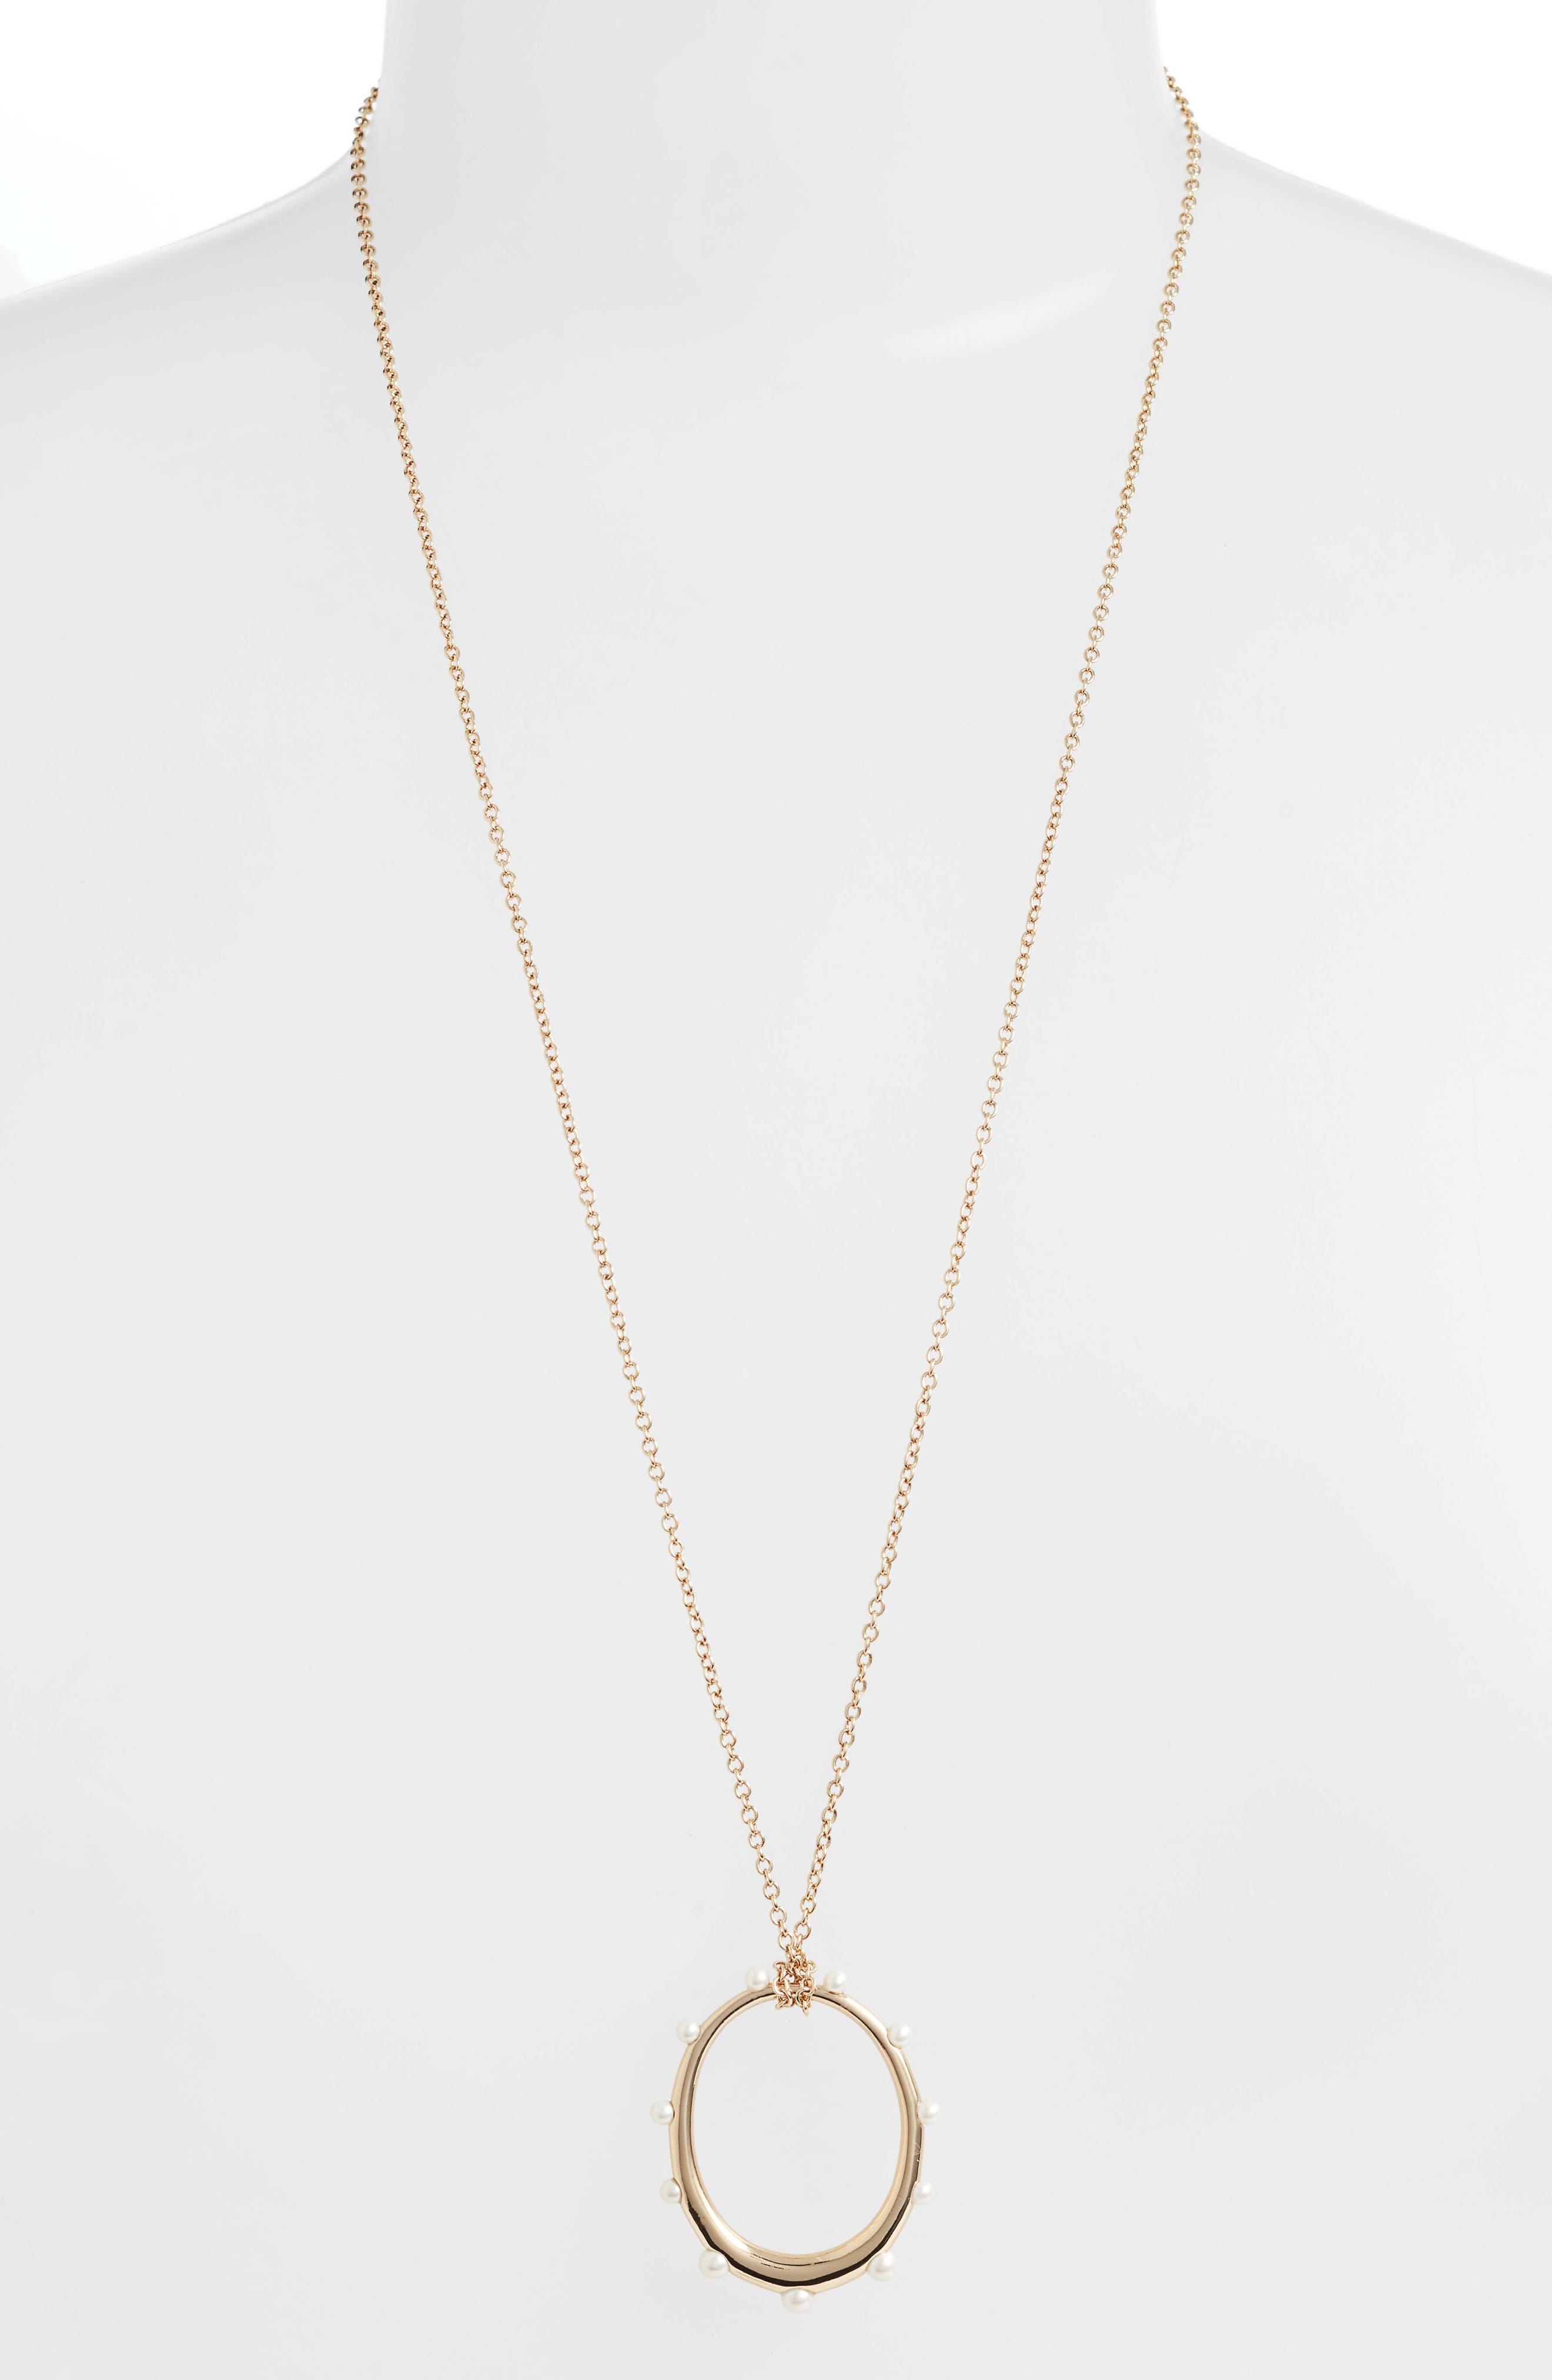 Imitation Pearl Circle Pendant Necklace,                             Main thumbnail 1, color,                             GOLD/ PEARL